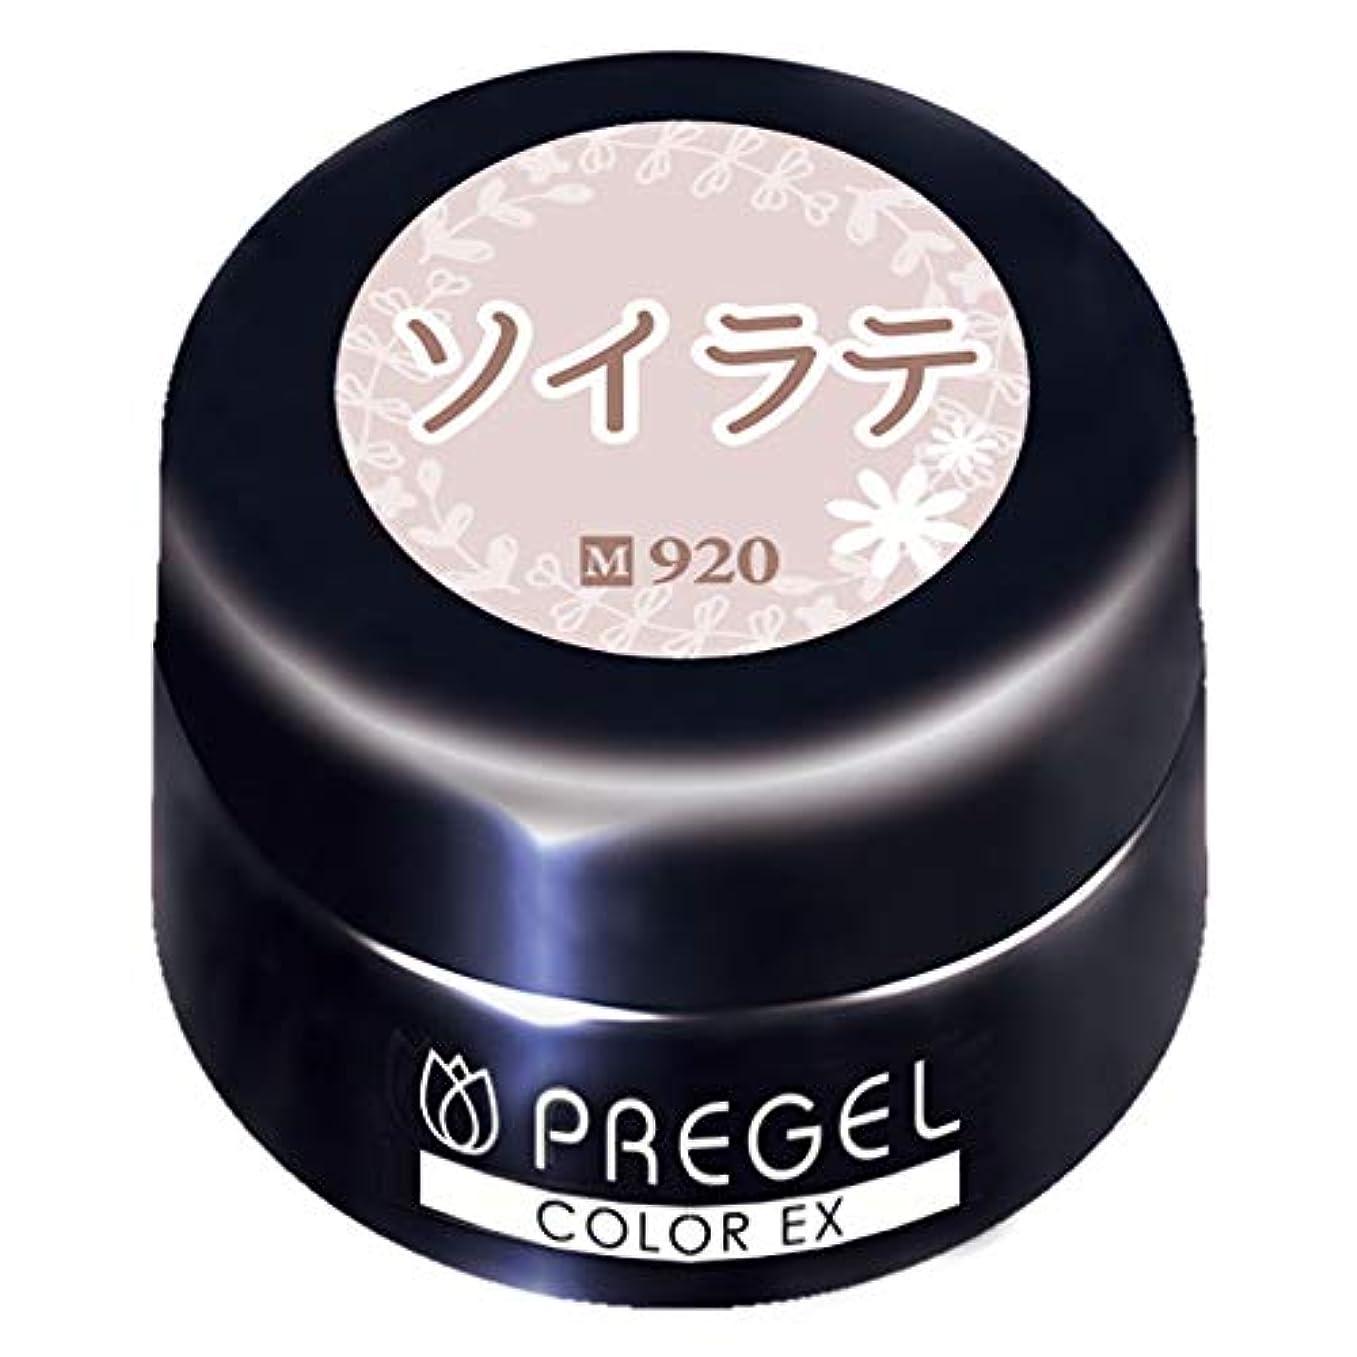 蜜信じる実験的PRE GEL カラーEX ソイラテ920 3g PG-CE920 UV/LED対応